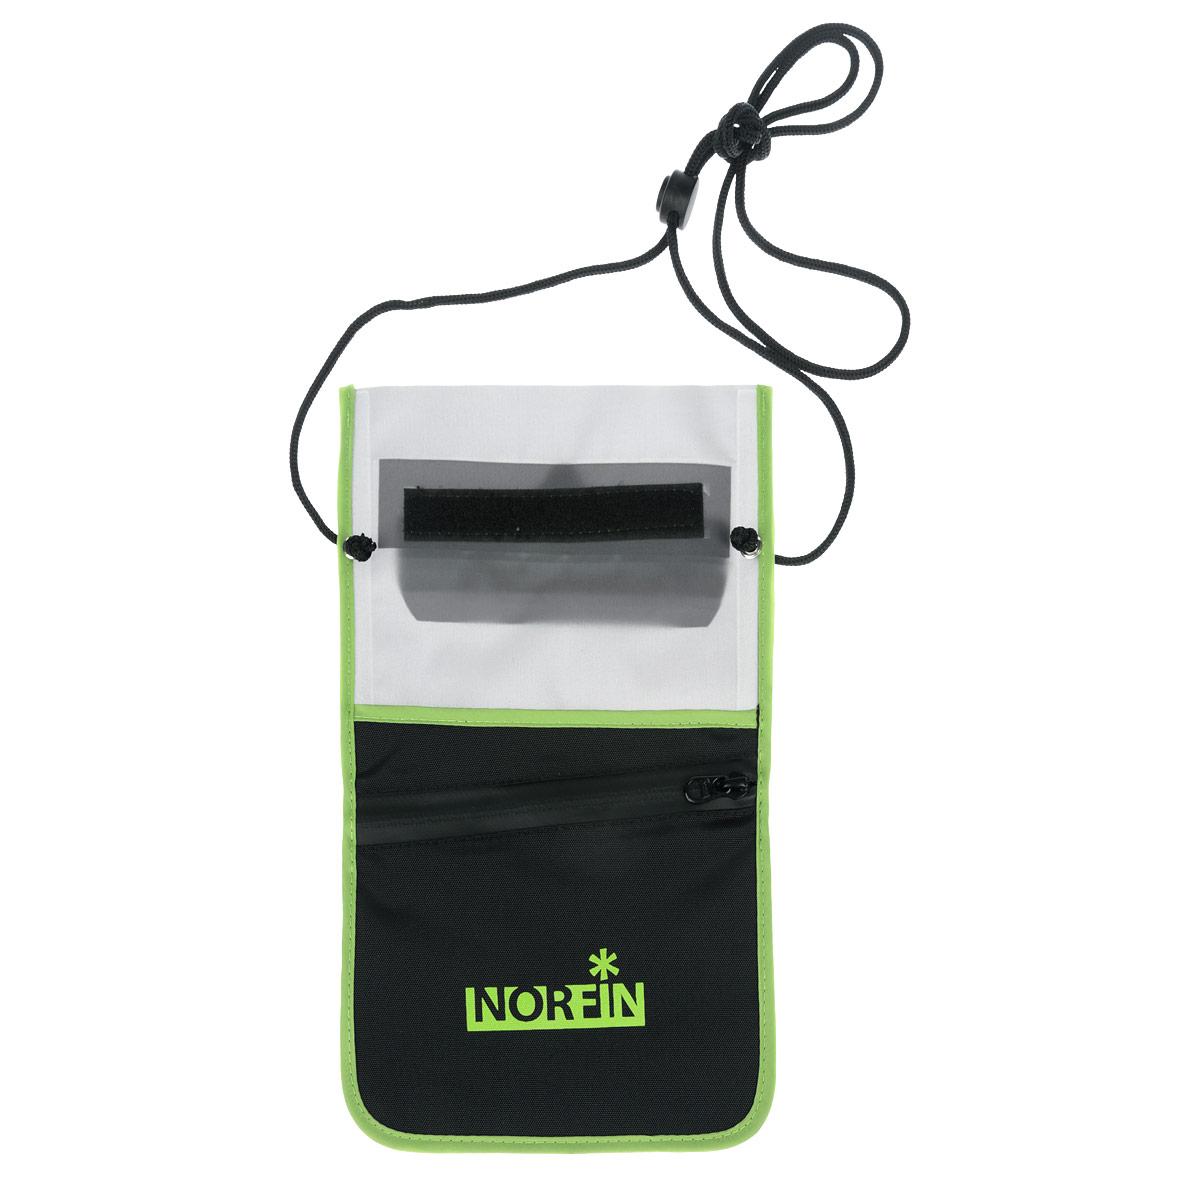 Гермочехол Norfin Dry Case 03, цвет: серый, черный, 28 см х 17 см37461Гермочехол нагрудный Norfin Dry Case 03 предназначен для защиты небольших предметов от воды: документы, телефон, планшет-мини. Особенности:Идеален для защиты планшетов-мини с размером диагонали до 7,9.Пленка гермочехла чувствительна к теплу рук, можно пользоваться планшетом не вынимая его из чехла.Два кармана на задней стороне сумки, один из которых с водонепроницаемой молнией.